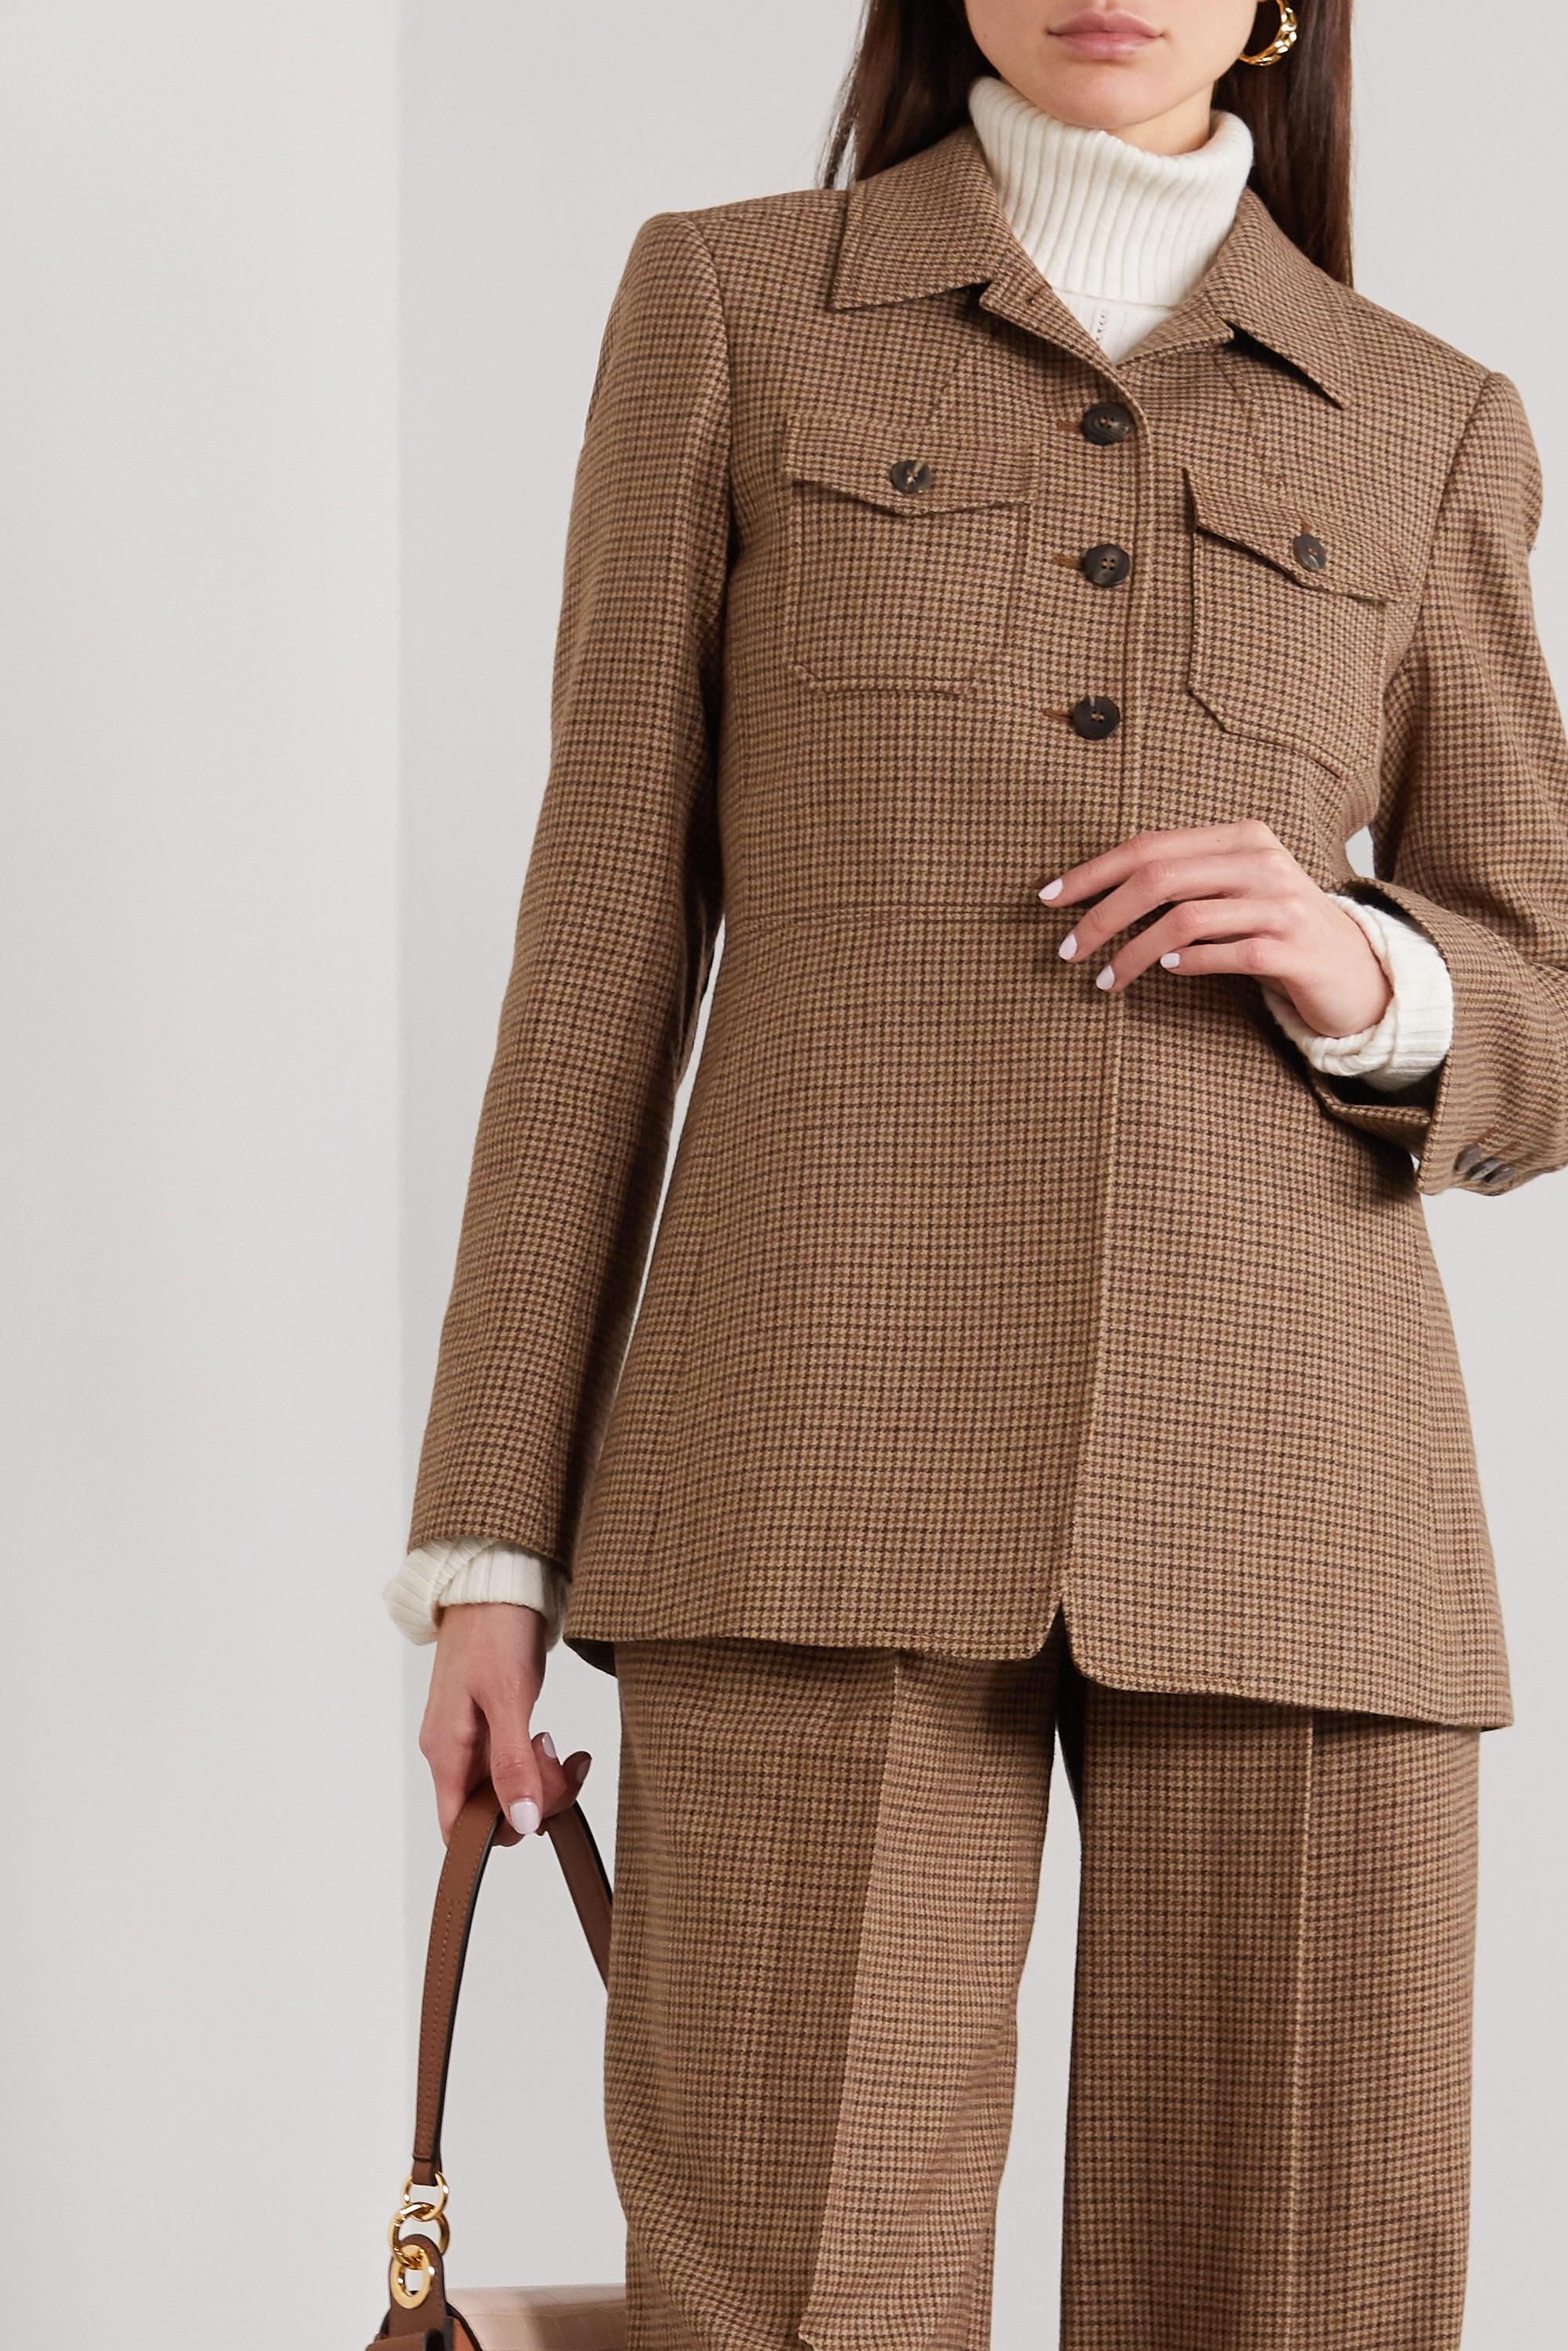 Chloé Veste en tweed de laine pied-de-poule